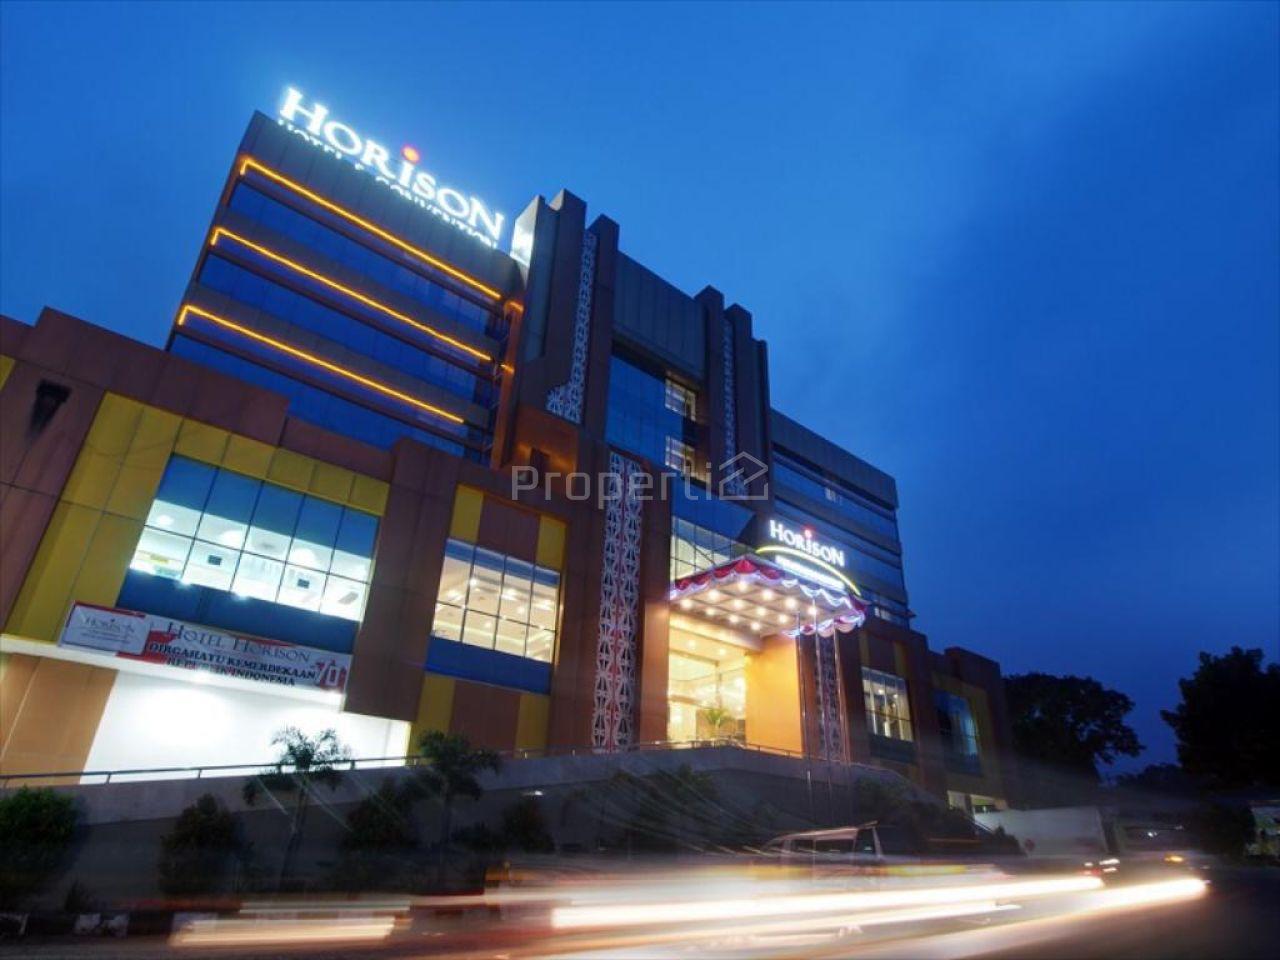 4 Star Hotel at Pematang Siantar, Sumatera Utara